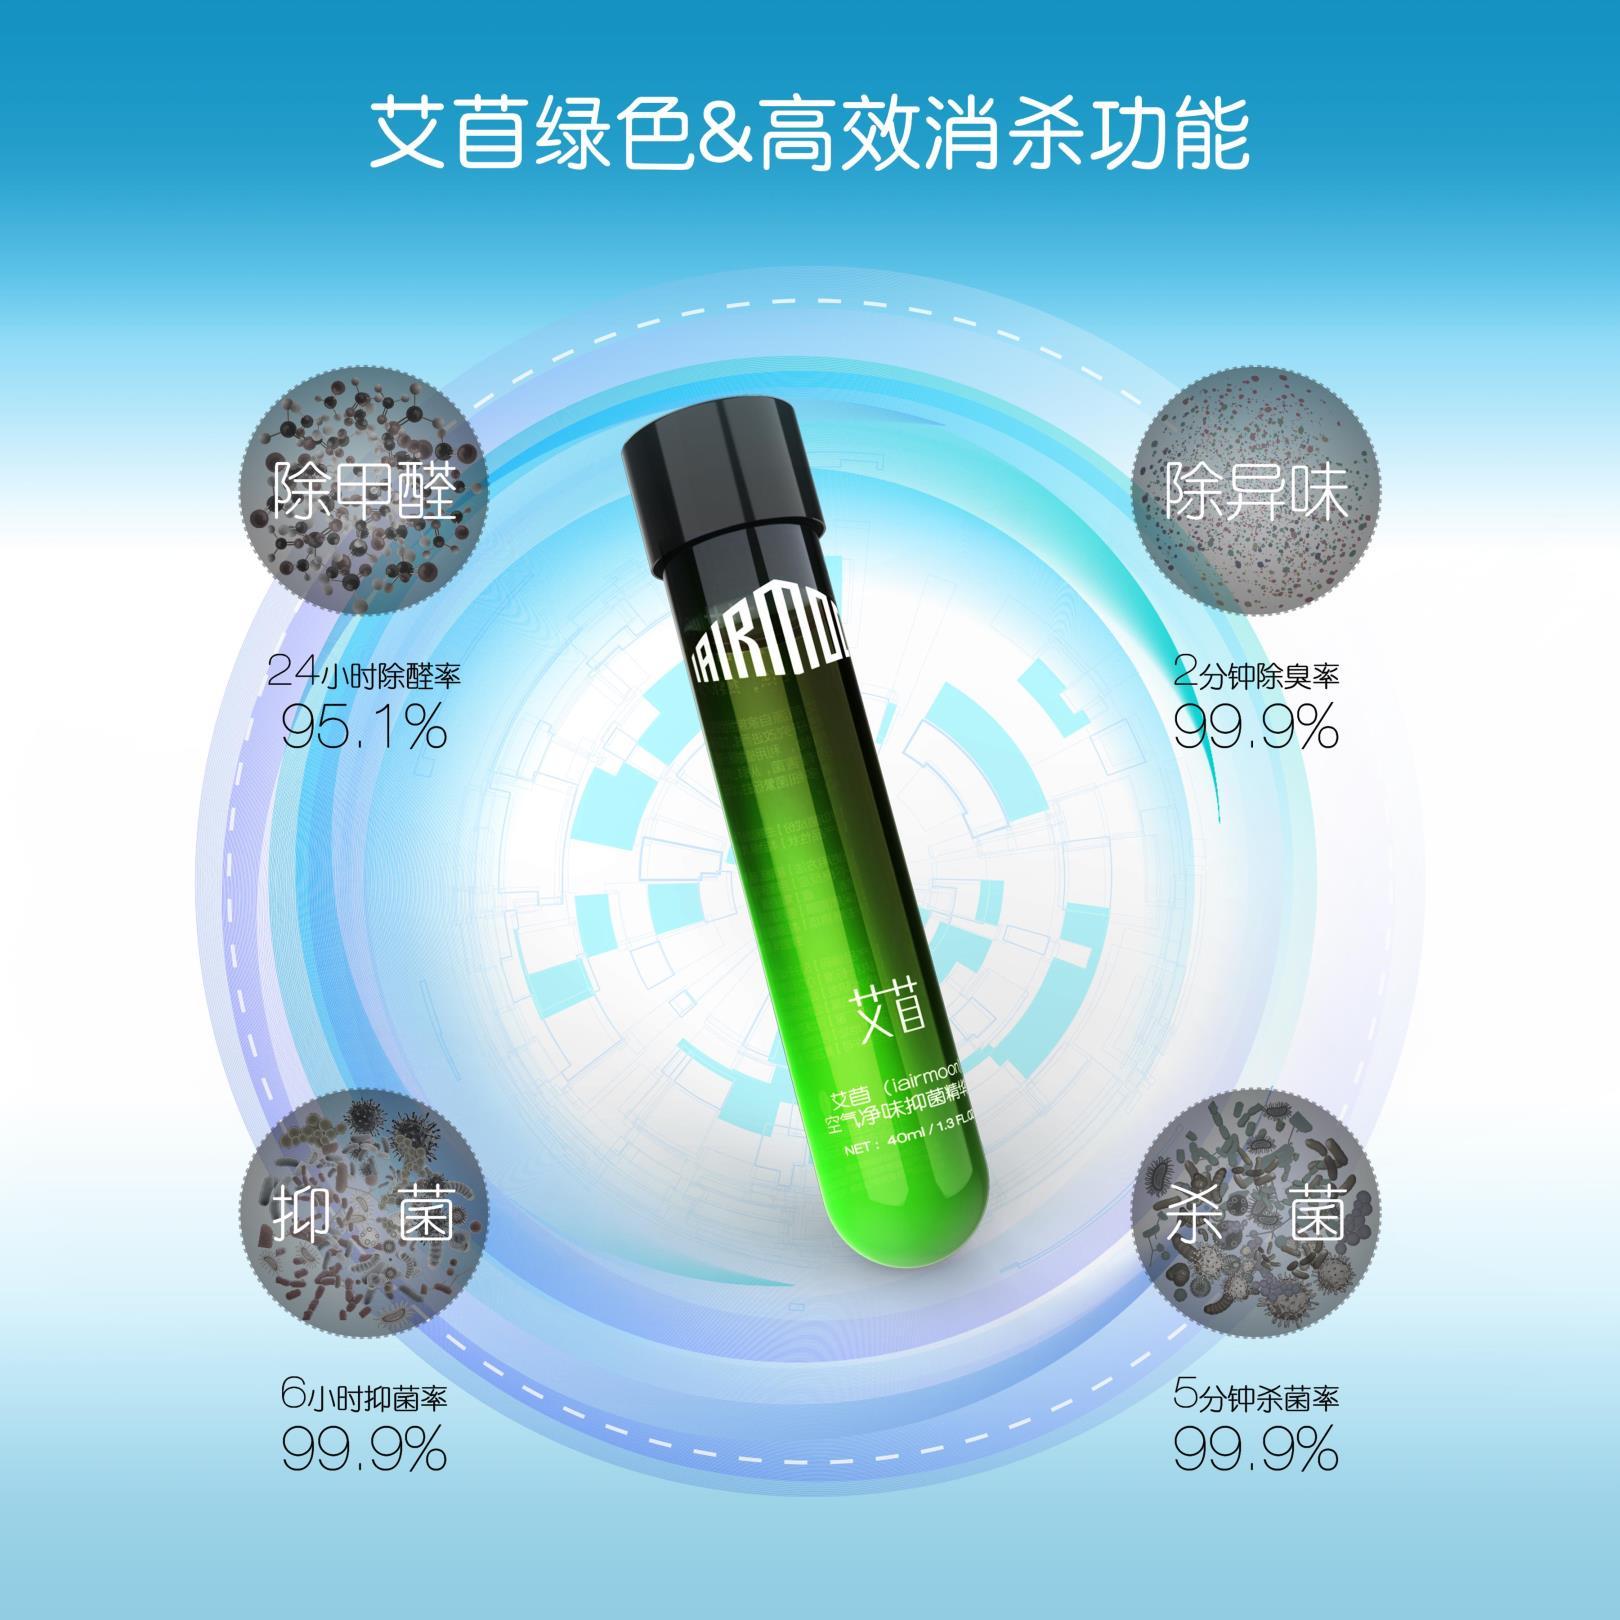 有品质的艾苜空气净味抑菌精华露价格怎么样-除甲醛供货商